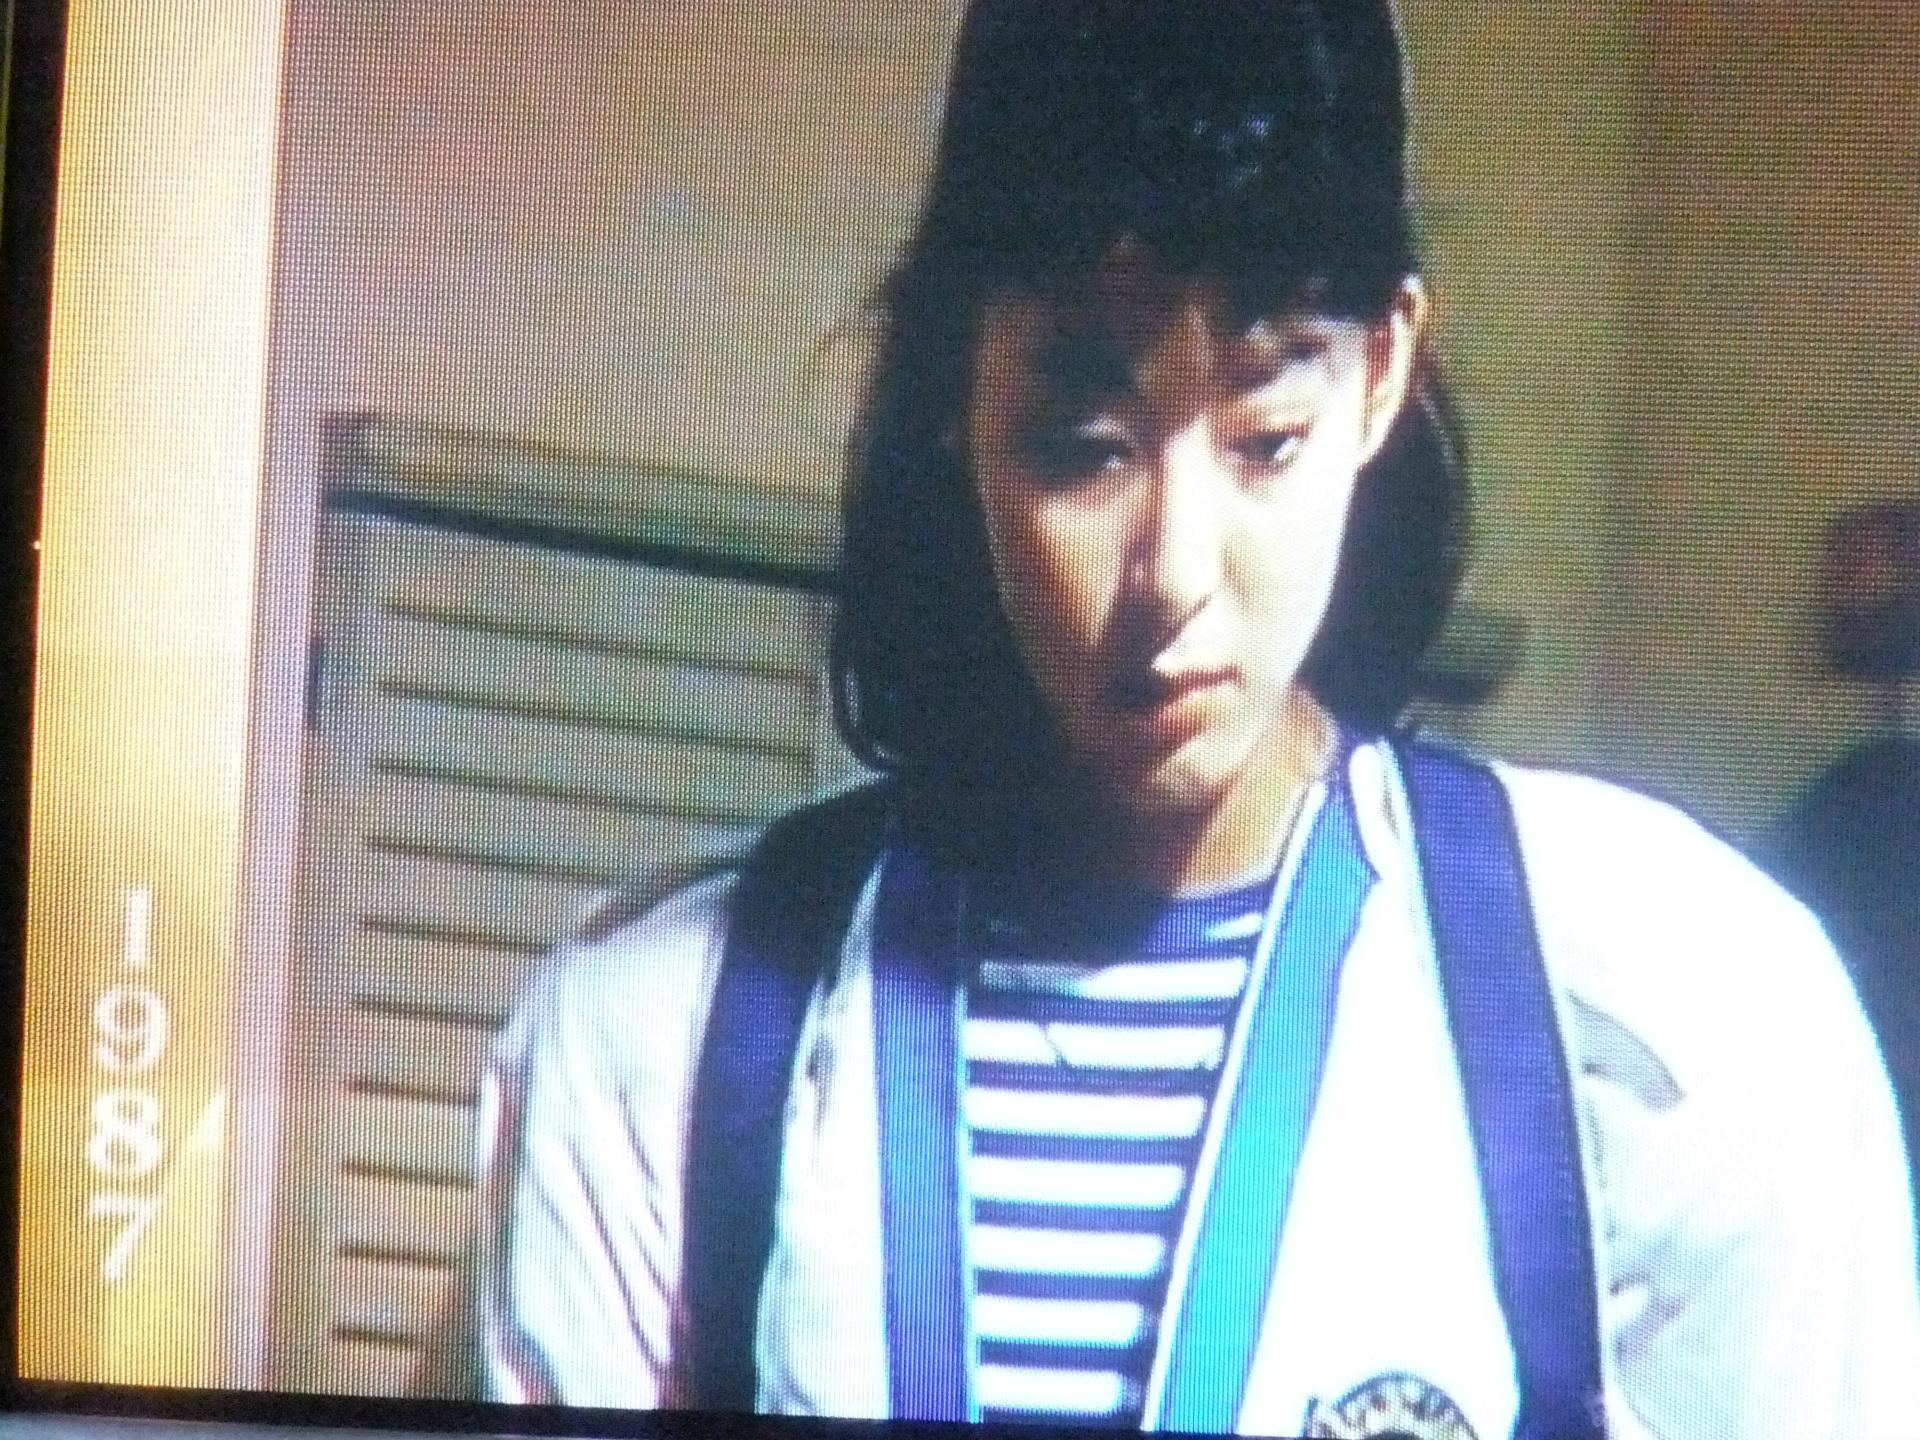 高倉健の養女が語った、不器用ながらも力強い闘病エピソードとは?のサムネイル画像